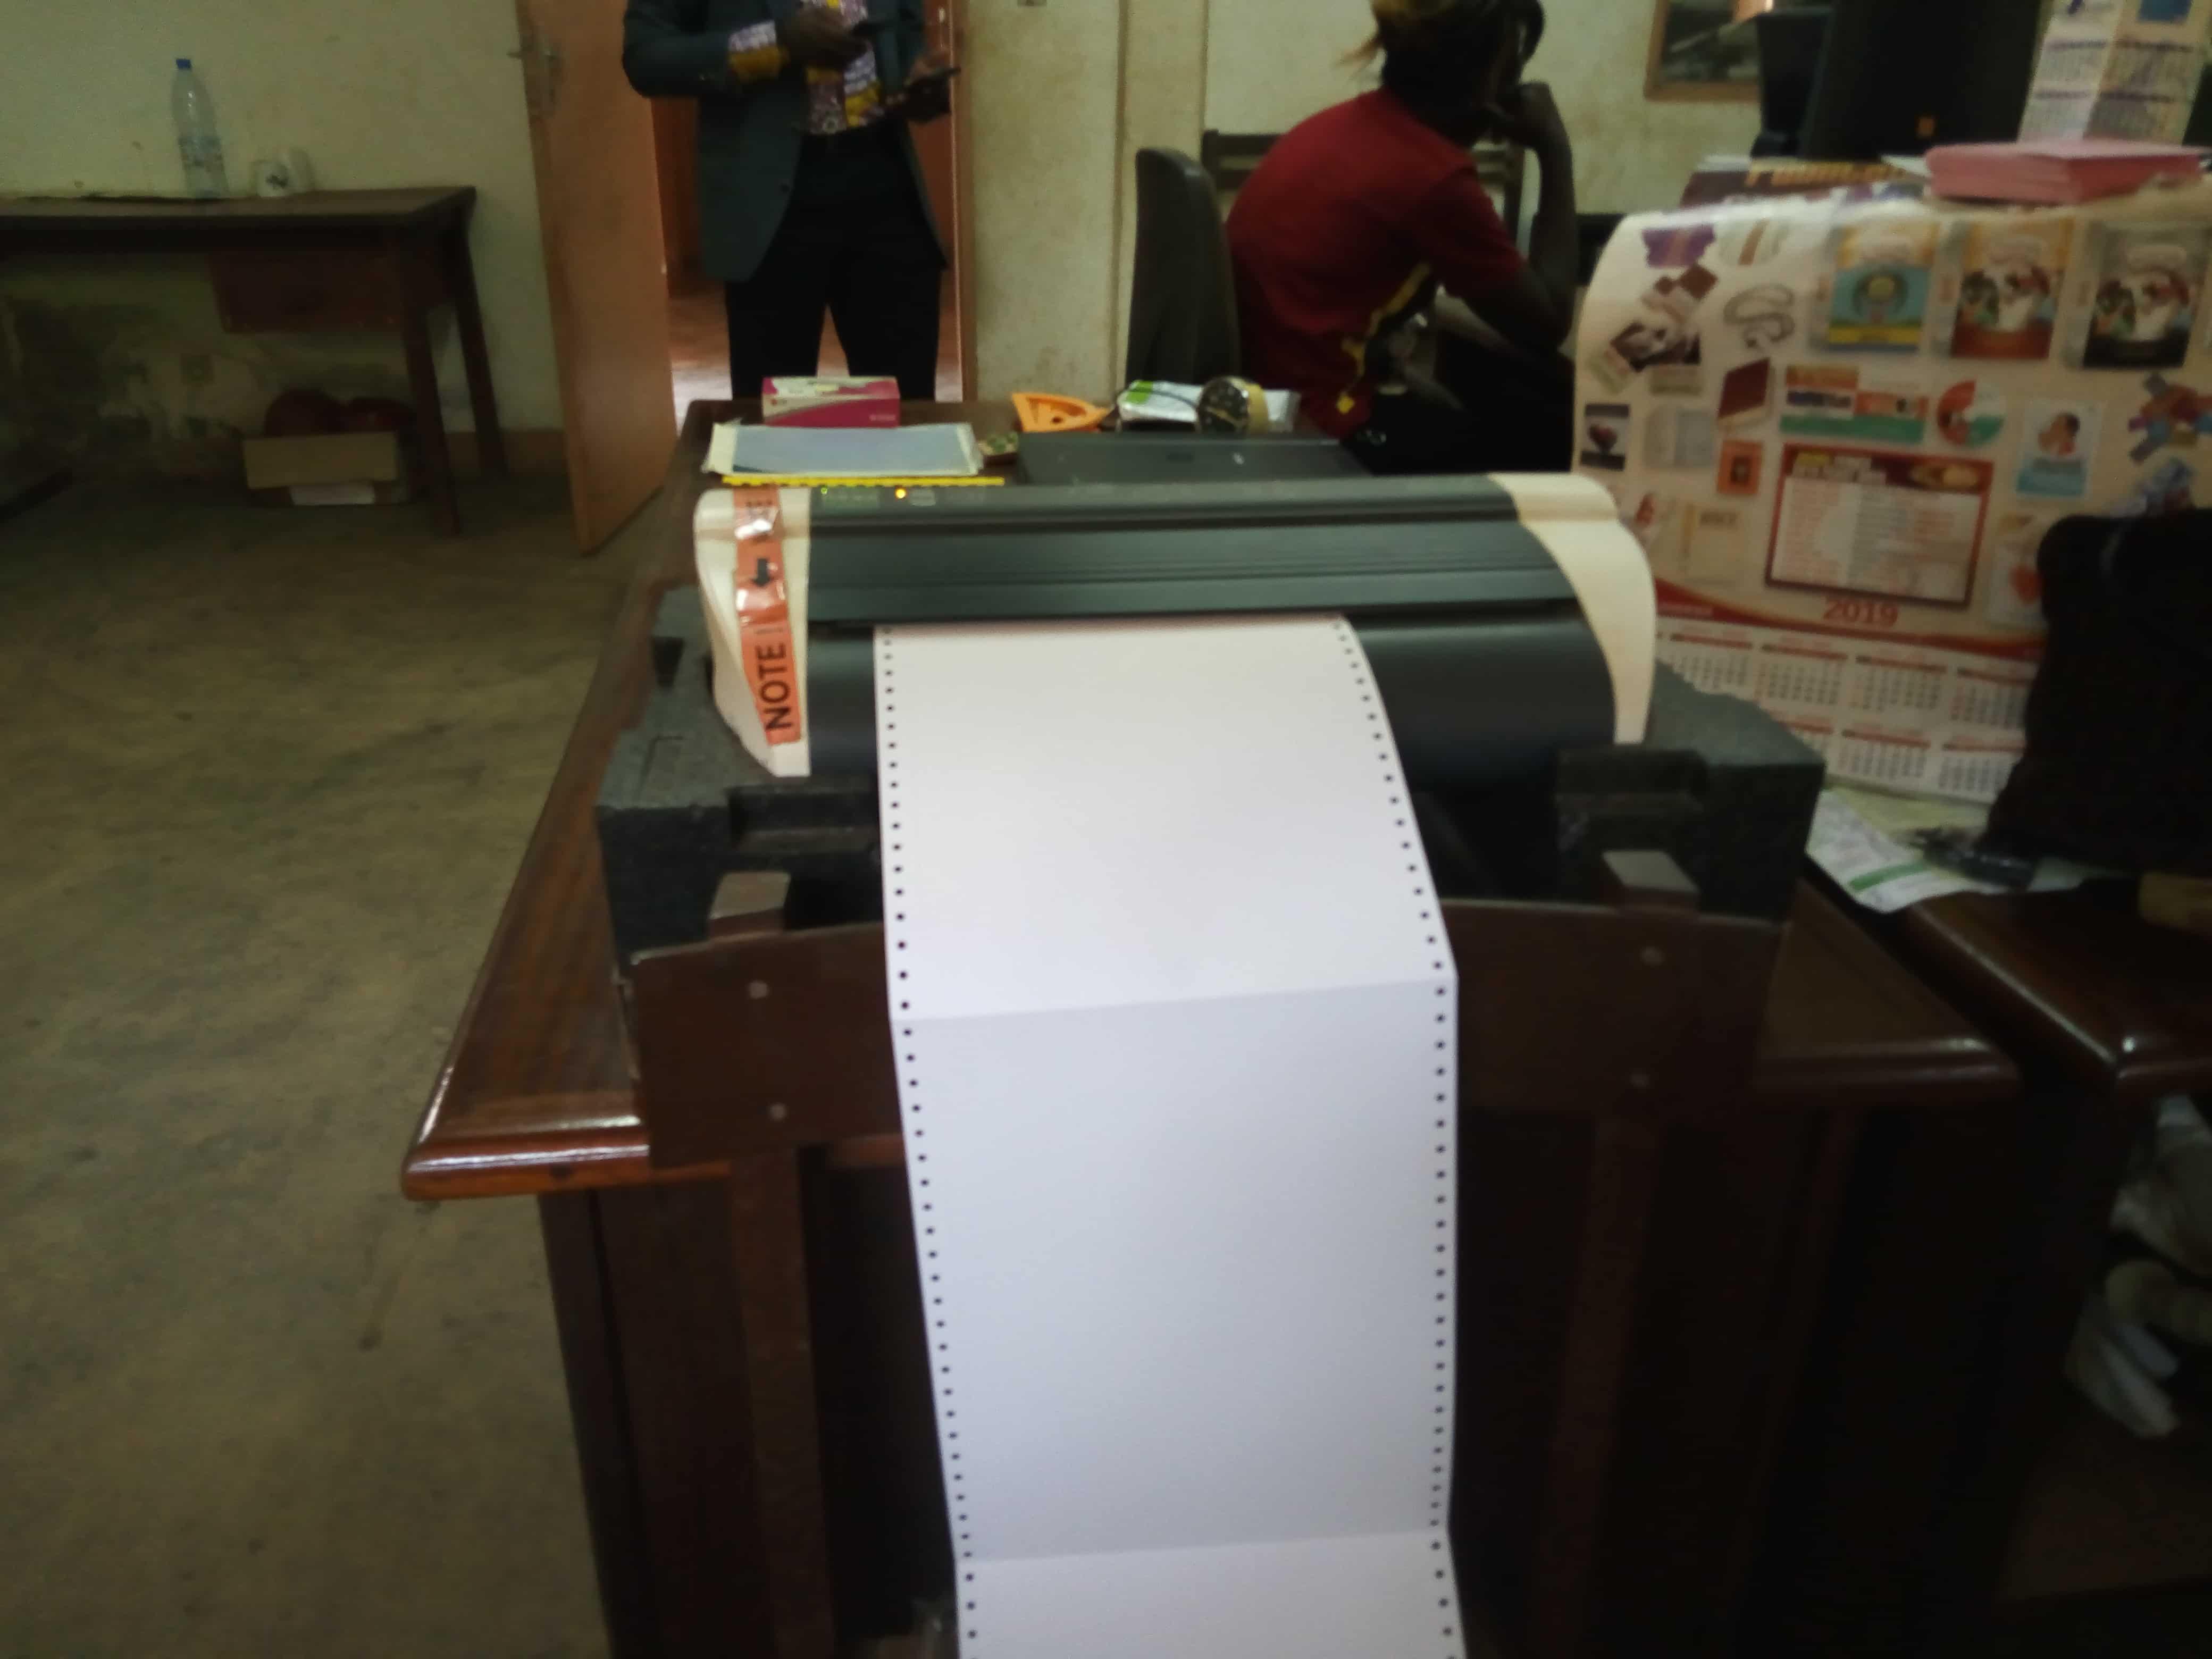 Imprimerie Braille